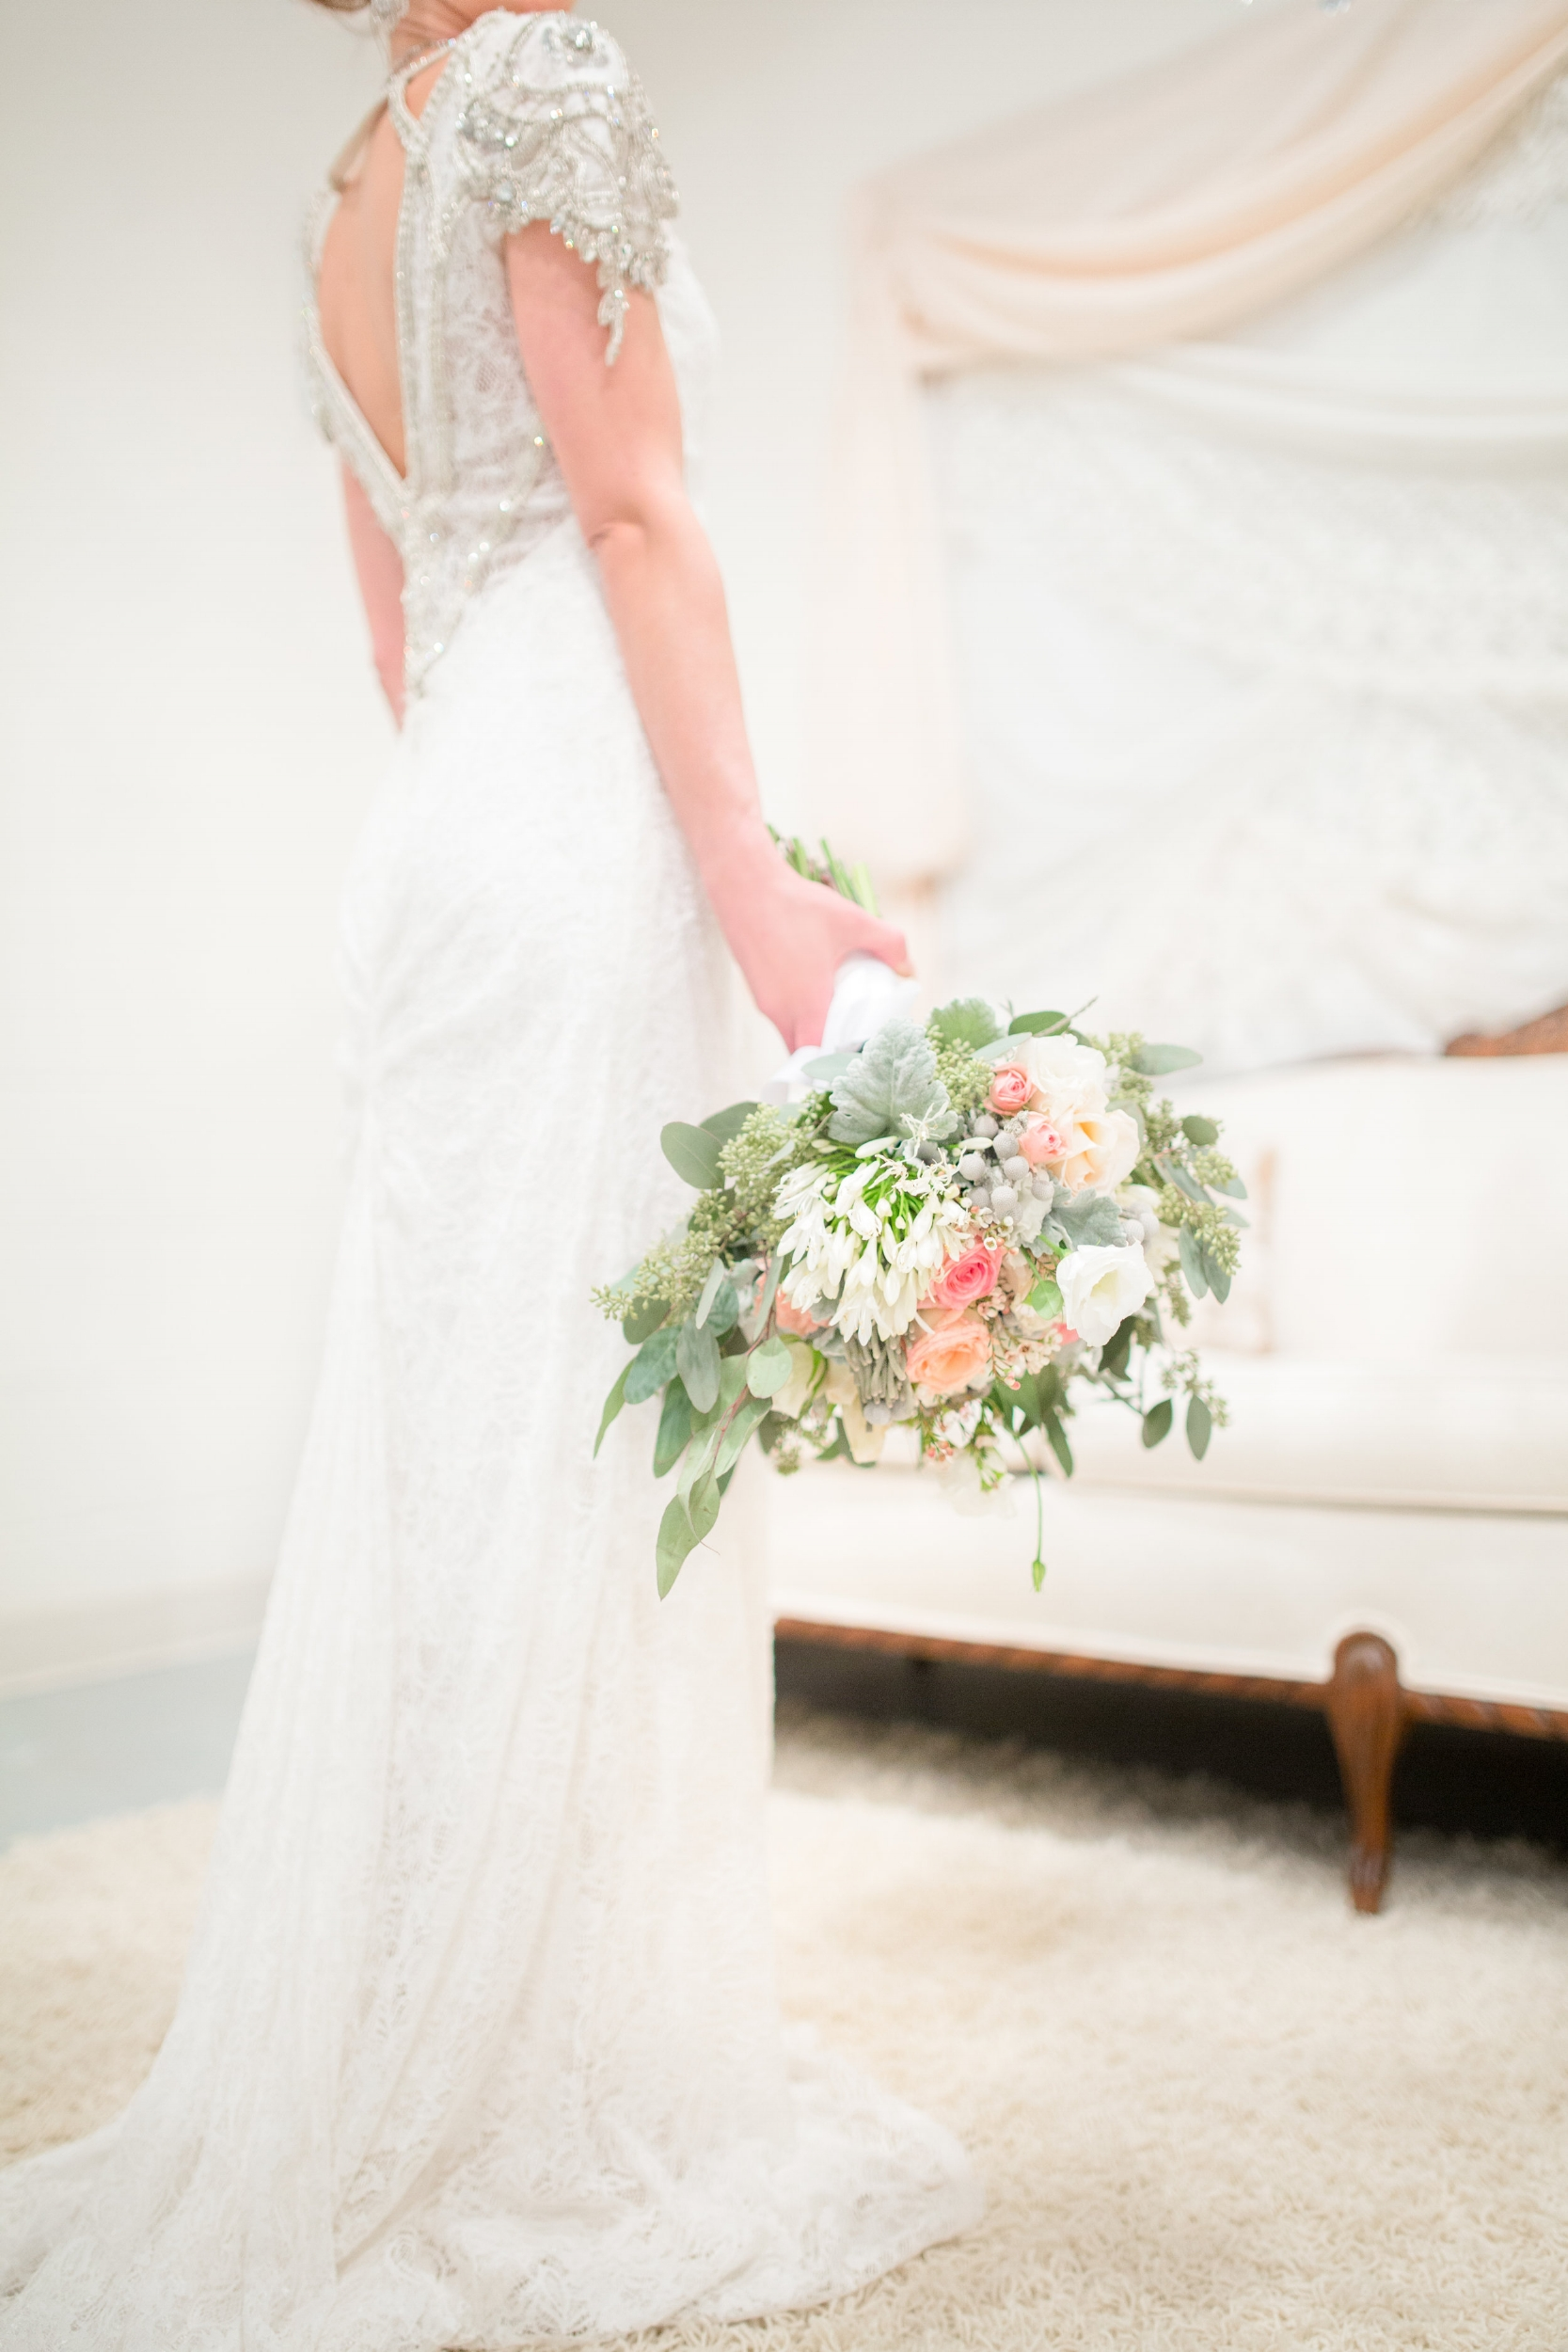 Blush Bride's Bouquet